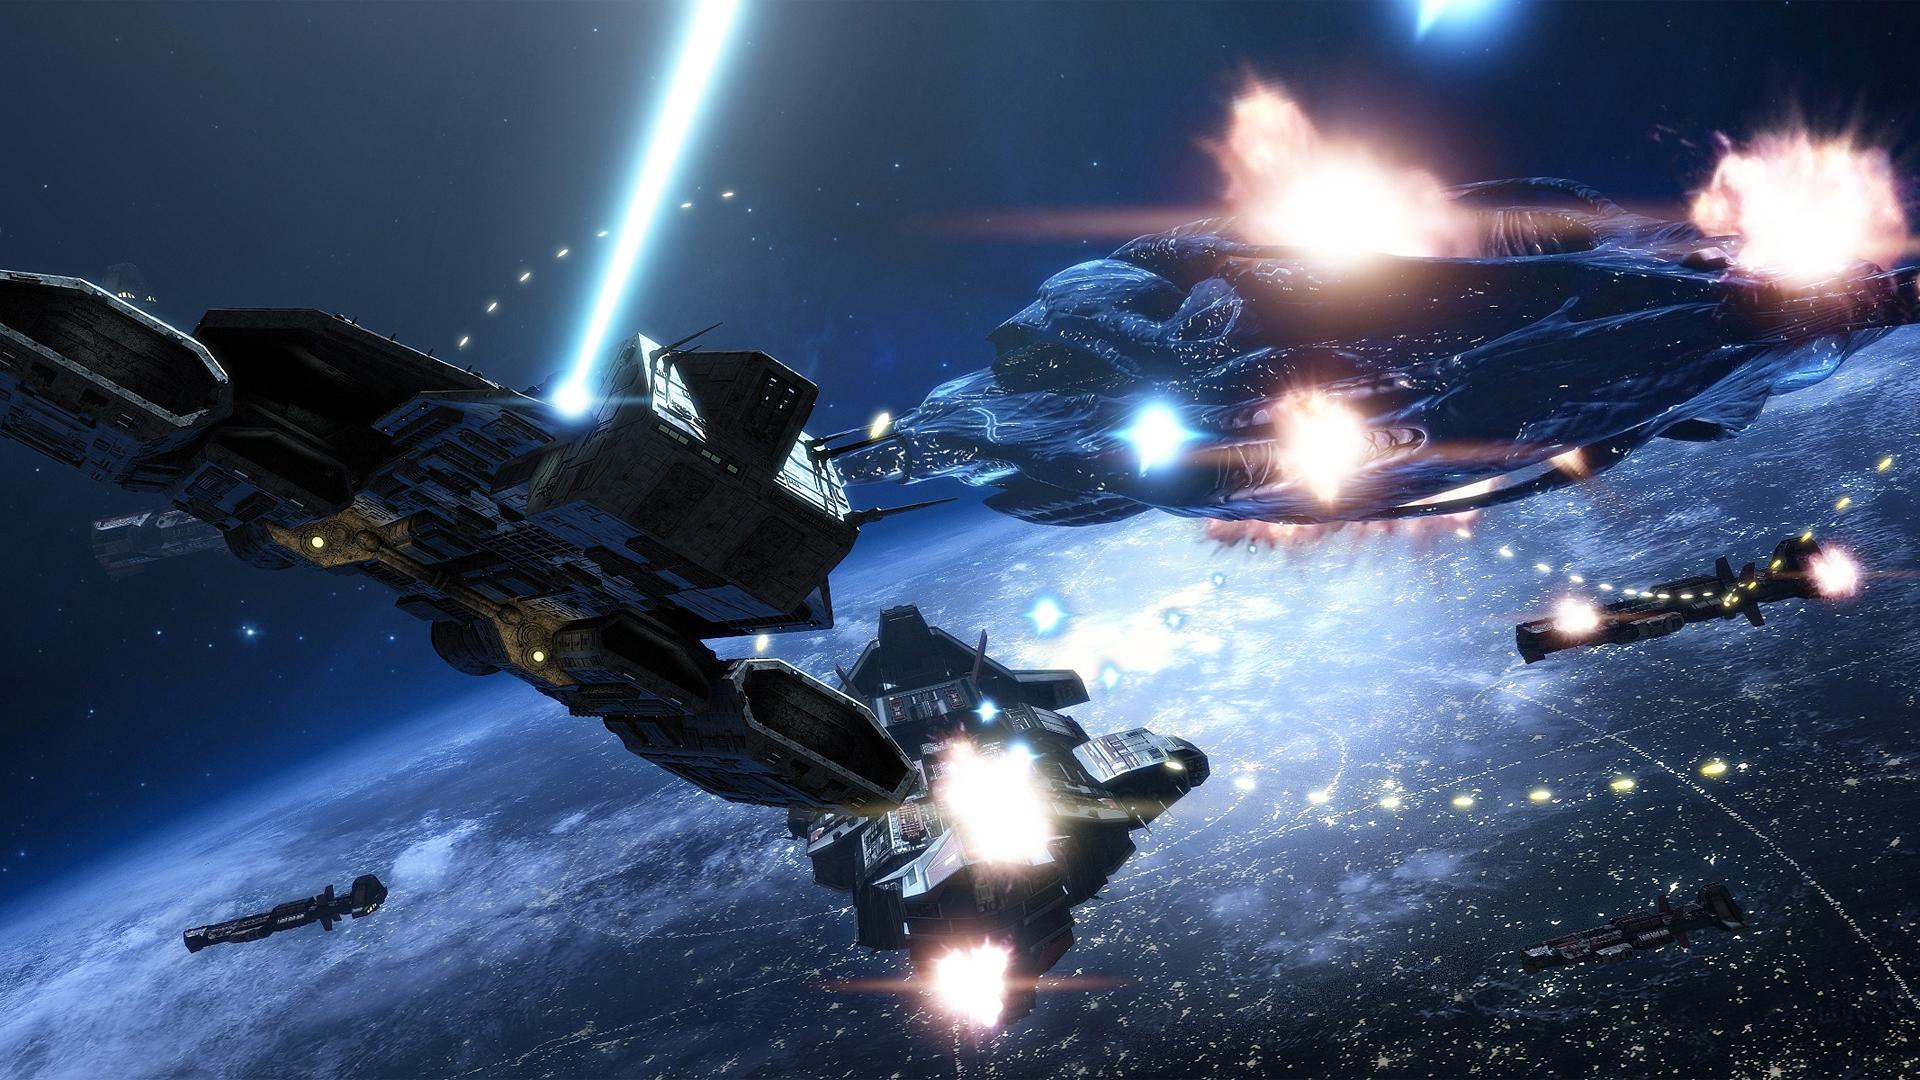 Космическая война: спутники-похитители, сателлиты-камикадзе, боевые лазеры. Видео. 14538.jpeg